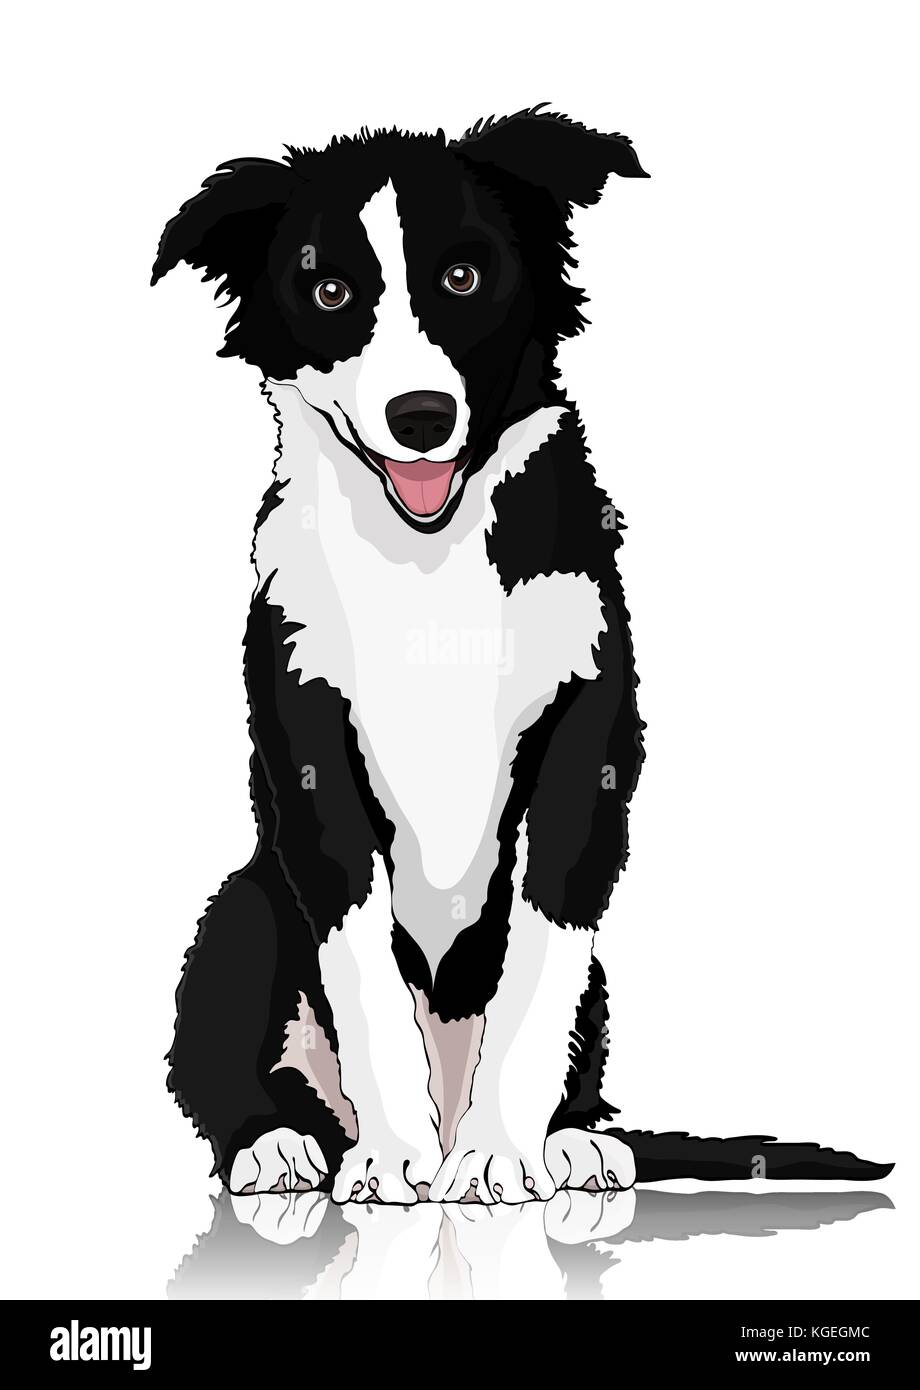 Disegno Cane Bianco E Nero.Cane Disegno Vettoriale In Bianco E Nero Cartoon Shaggy Dog